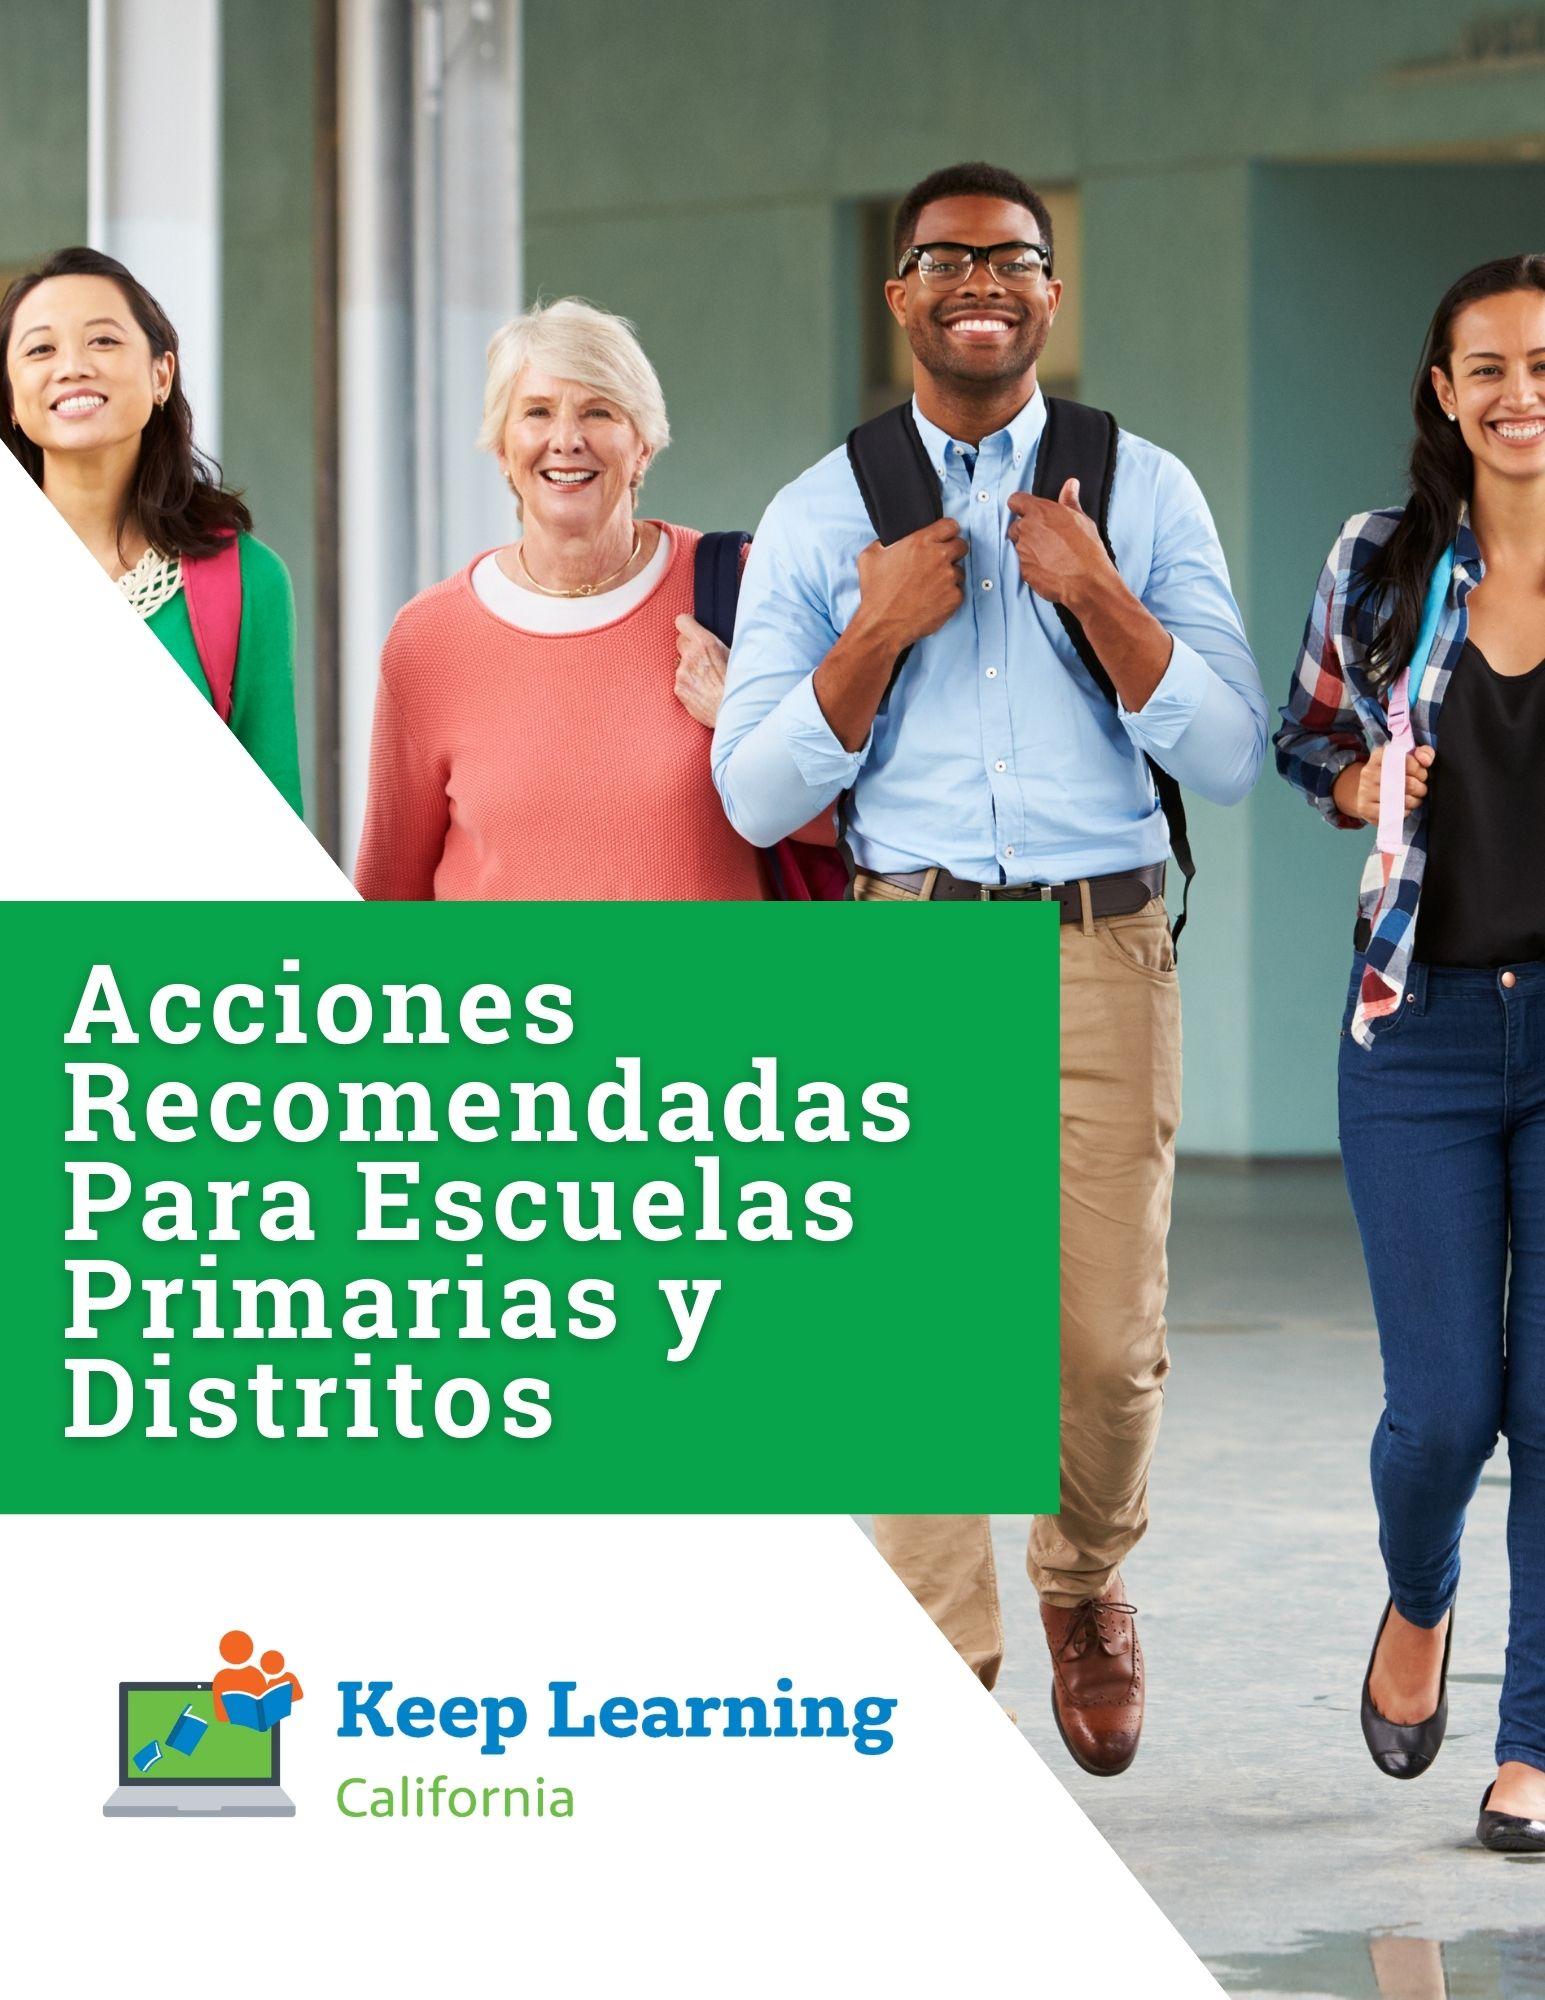 PDF – Acciones Recomendadas Para Escuelas Primarias y Distritos.